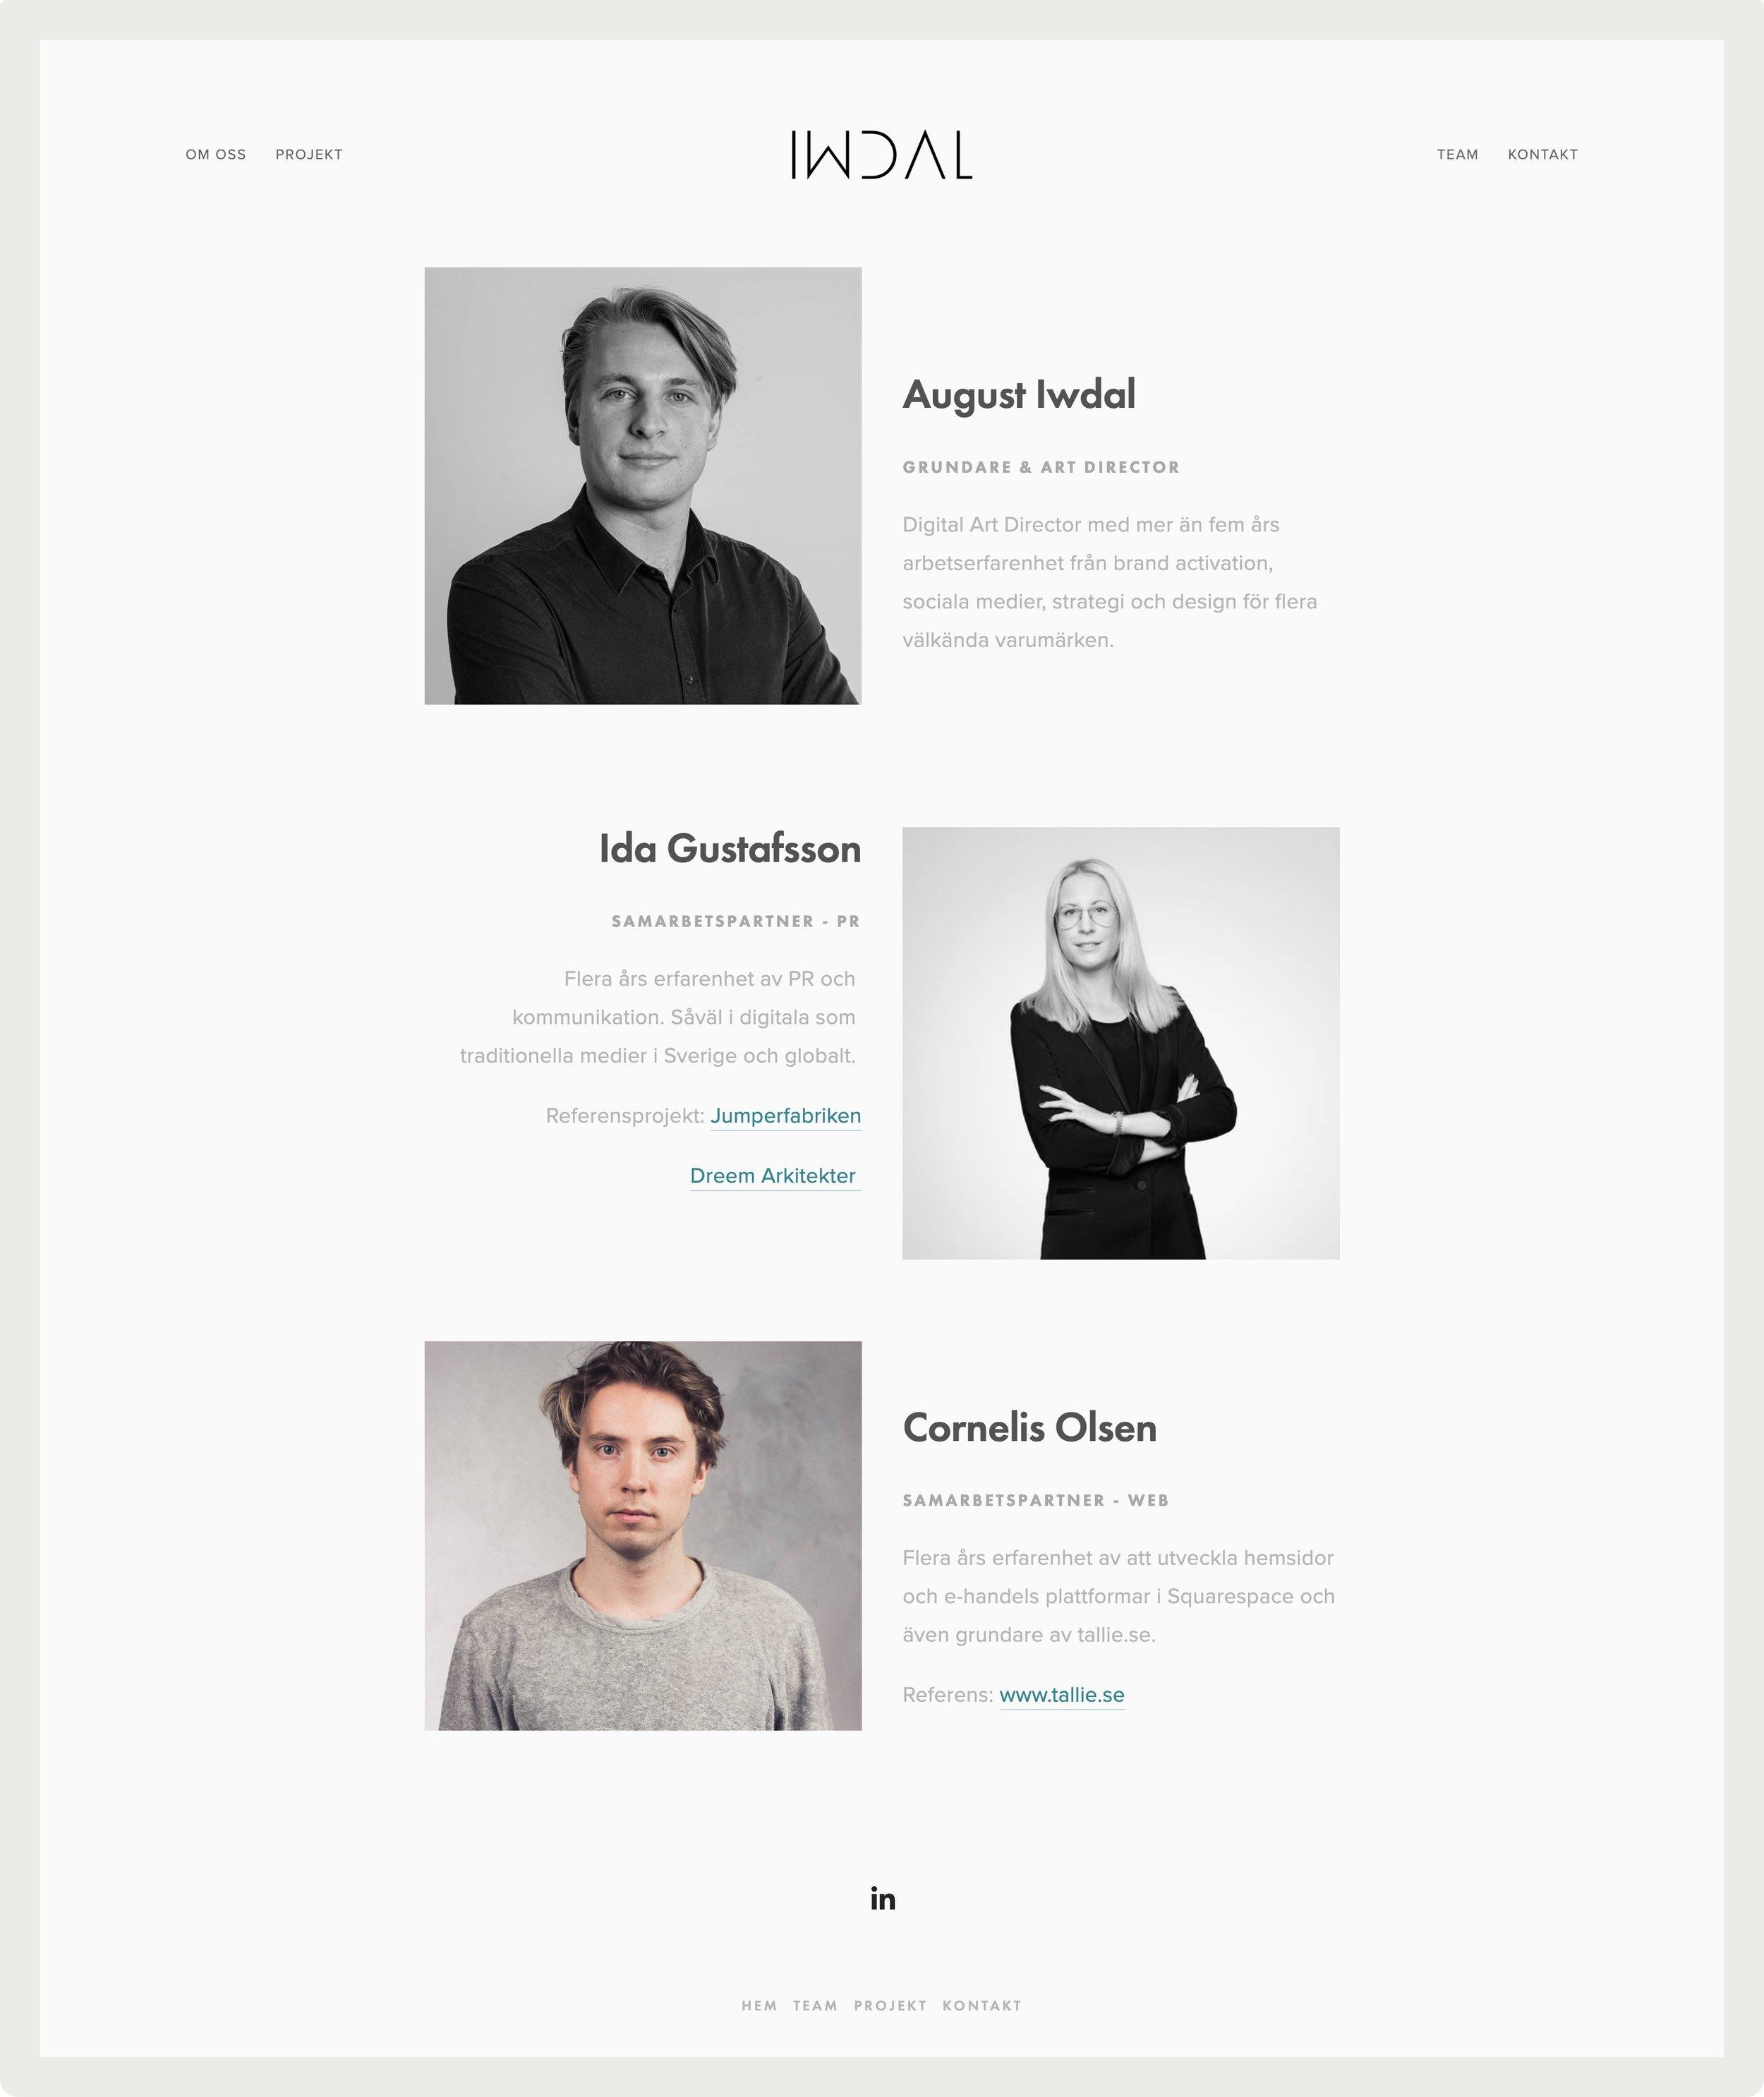 framtidens-webbyrå-uppdrag-iwdal-om-oss.jpg